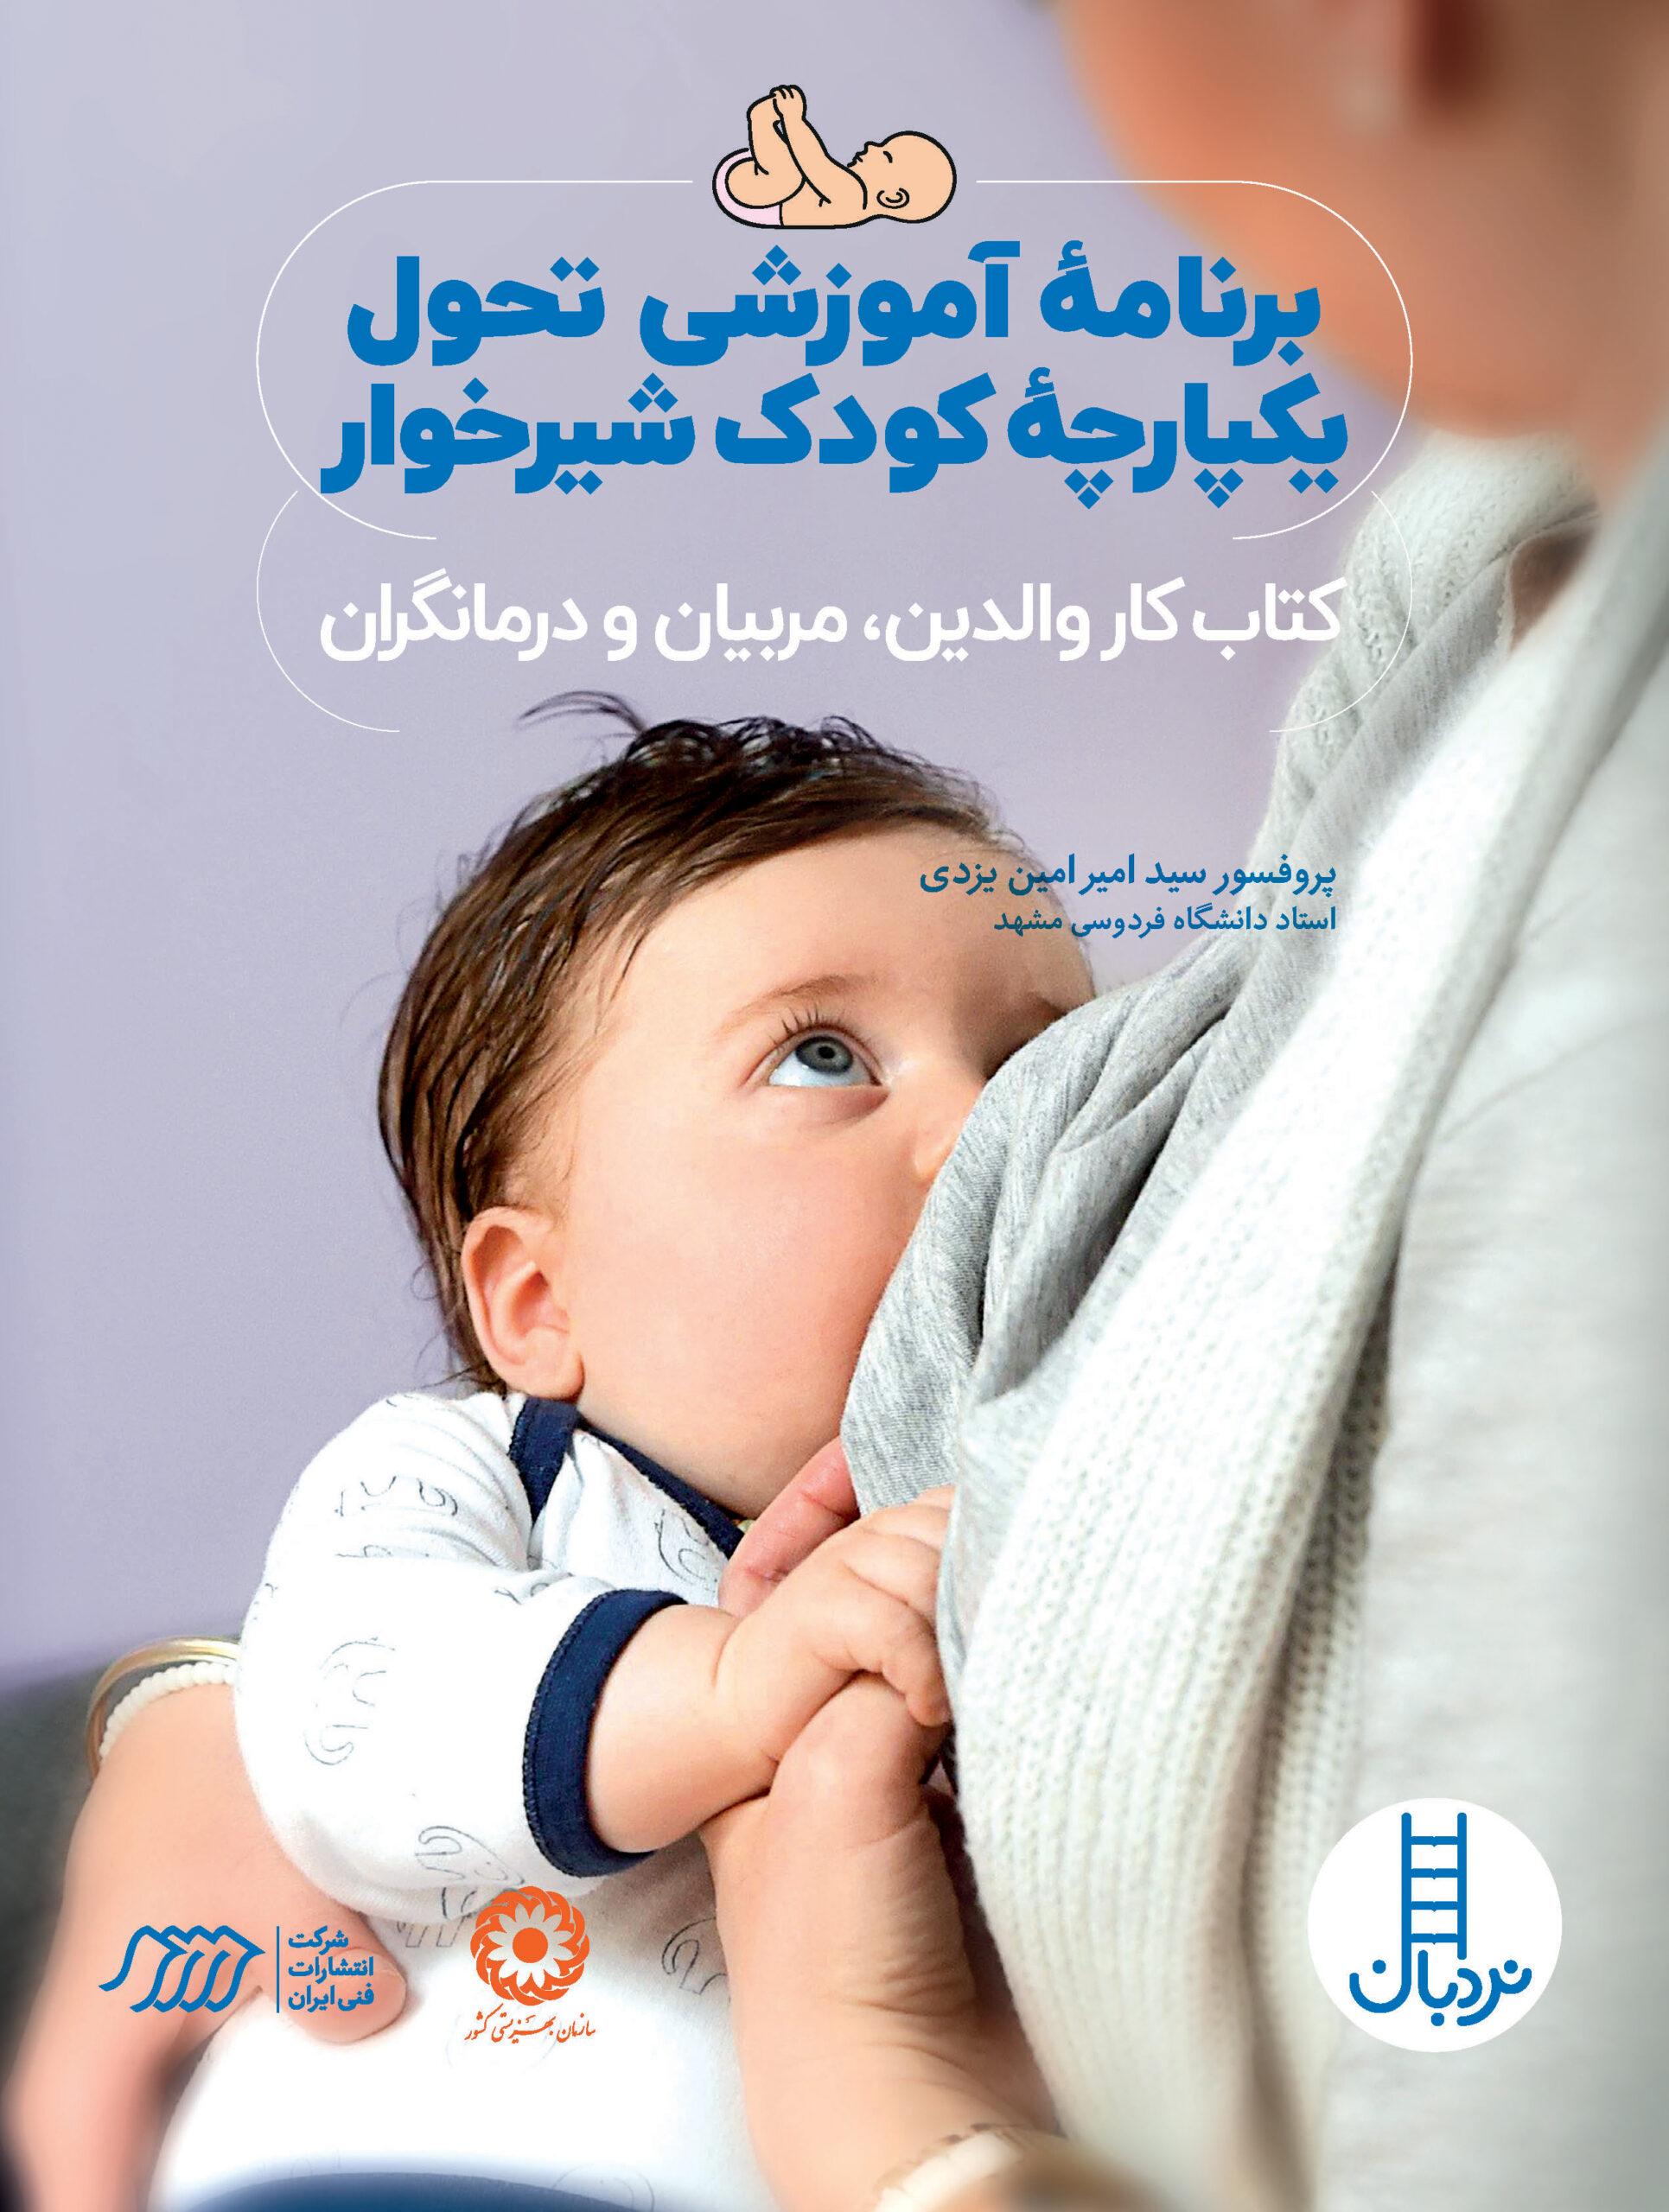 برنامه آموزشی تحول یکپارچهی کودک شیرخوار